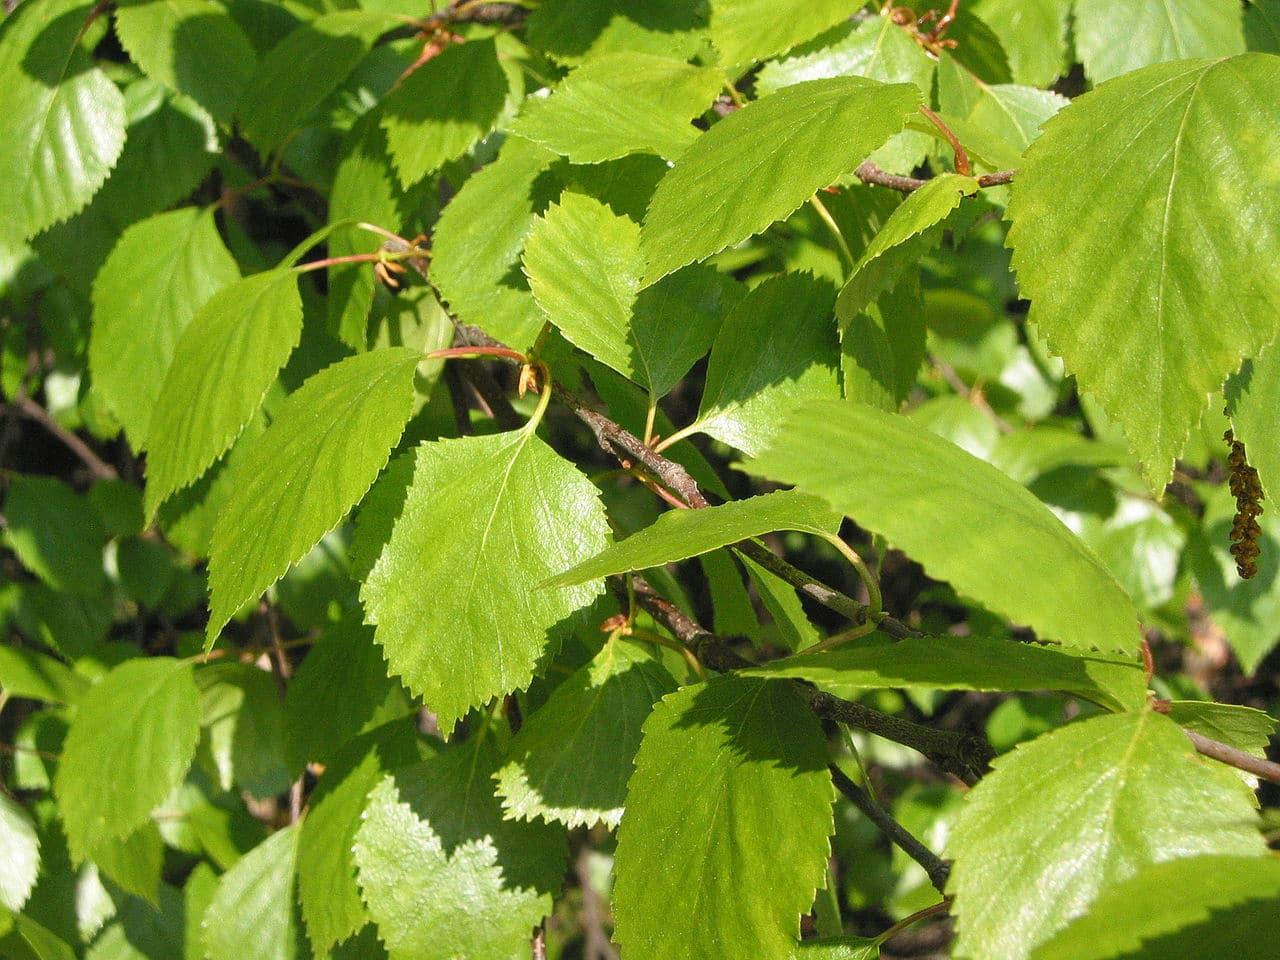 Las hojas del Betula pubescens son verdes